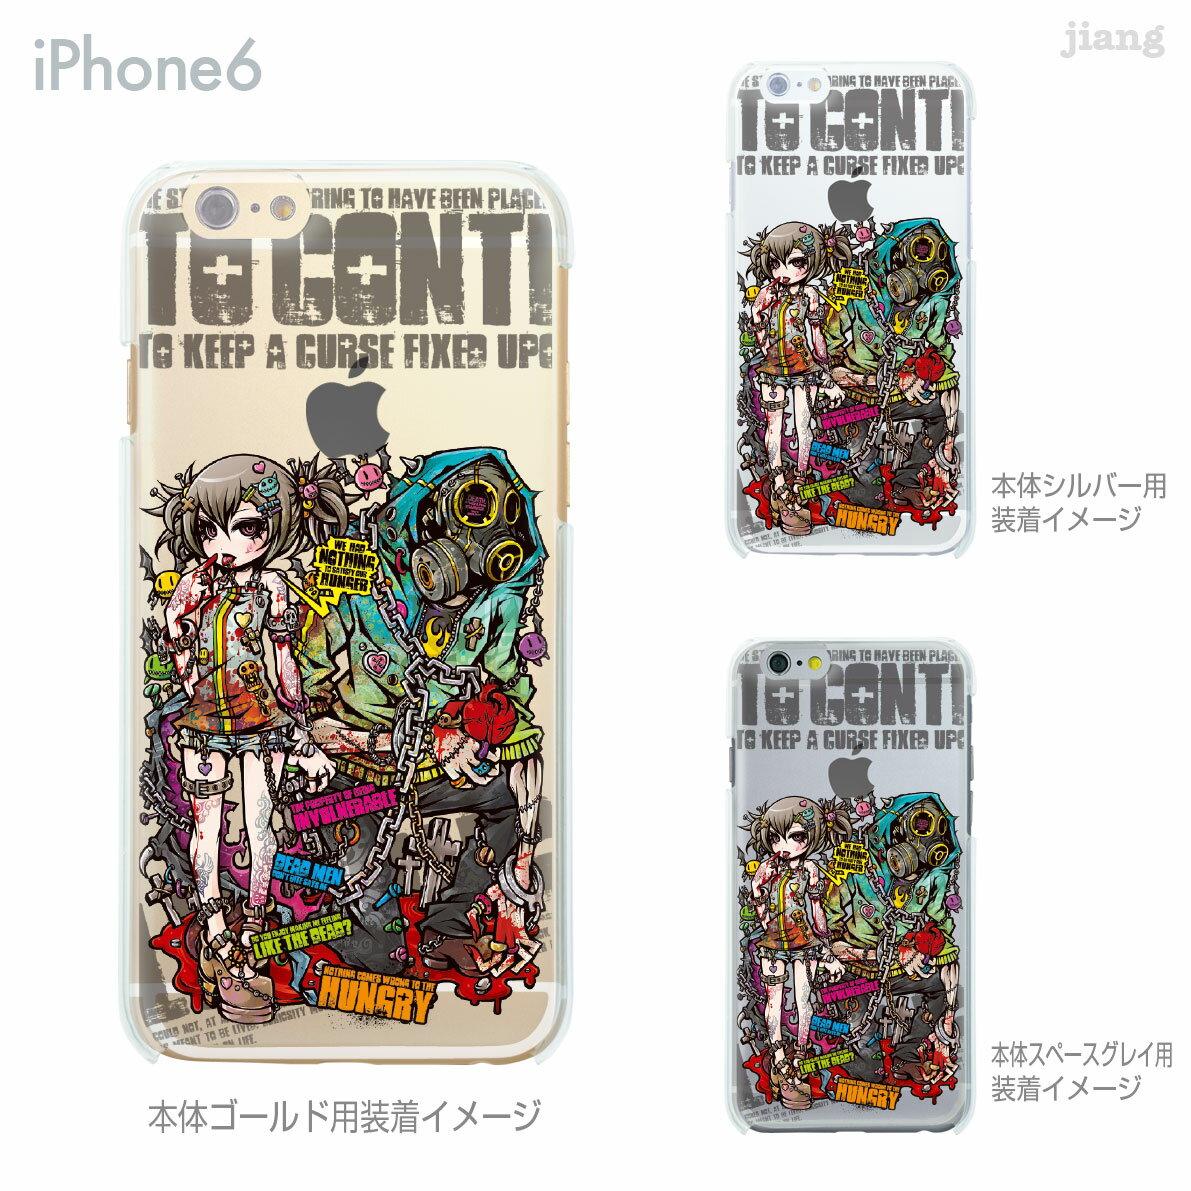 iPhoneX iPhone X ケース iPhone8 iPhone7ケース iPhone7 Plus iPhone6s iPhone6 Plus iphone ハードケース Clear Arts ケース カバー スマホケース クリアケース Project.C.K. BLOODSUCKER 11-ip6-ca0014-s